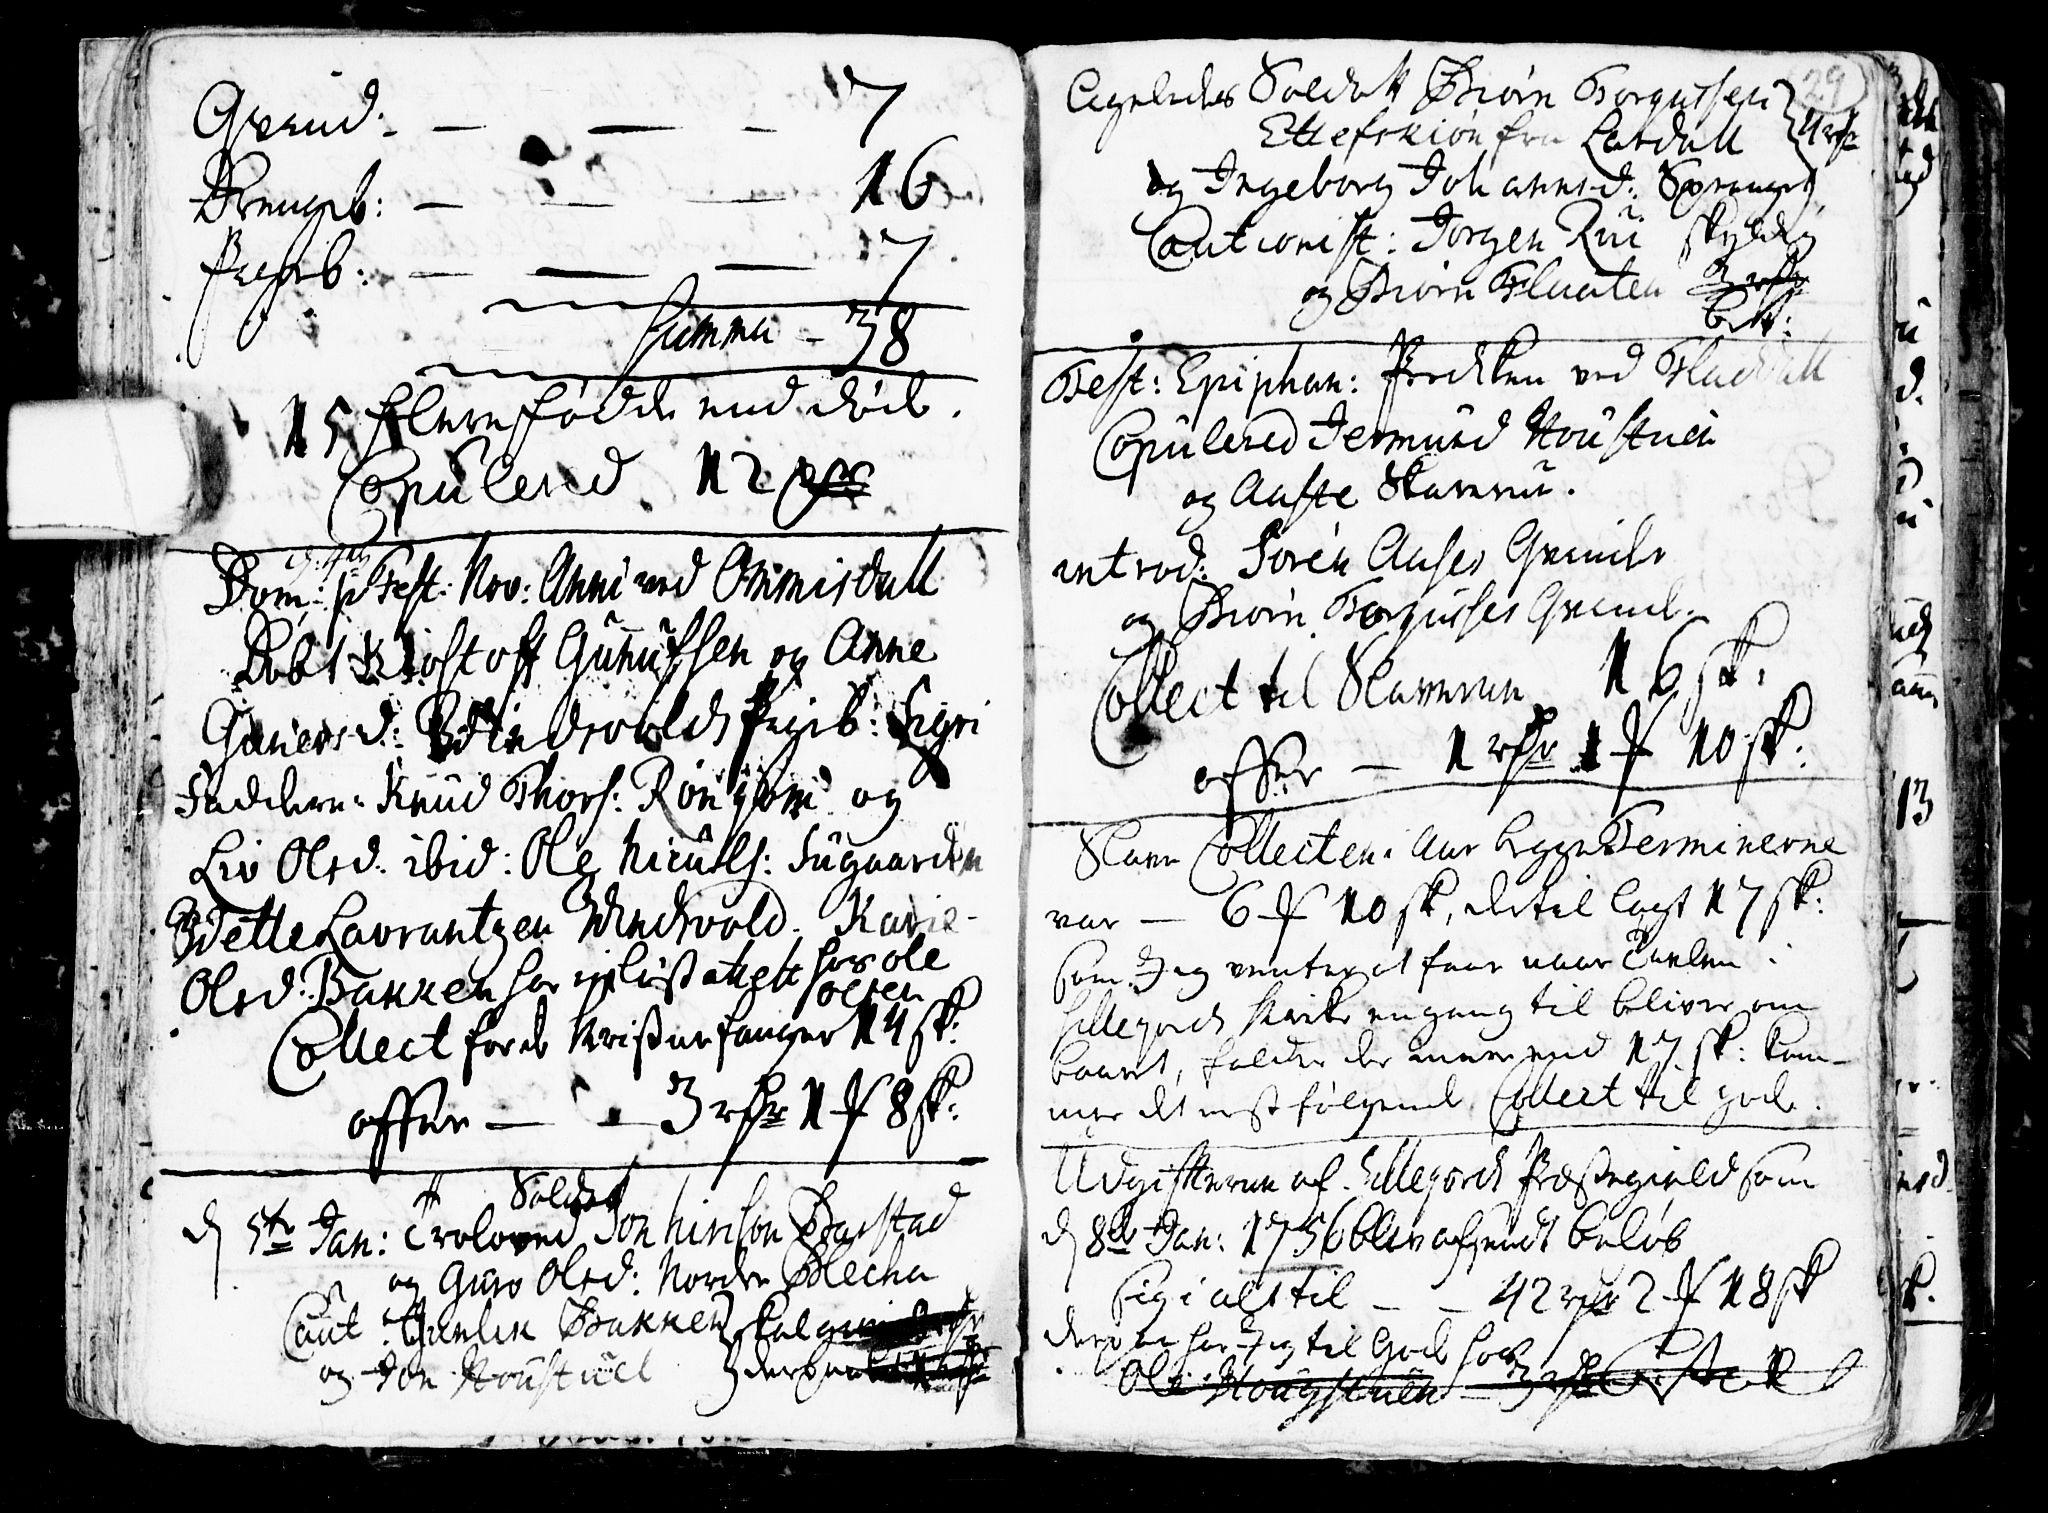 SAKO, Seljord kirkebøker, G/Gb/L0001: Klokkerbok nr. II 1, 1754-1790, s. 28-29